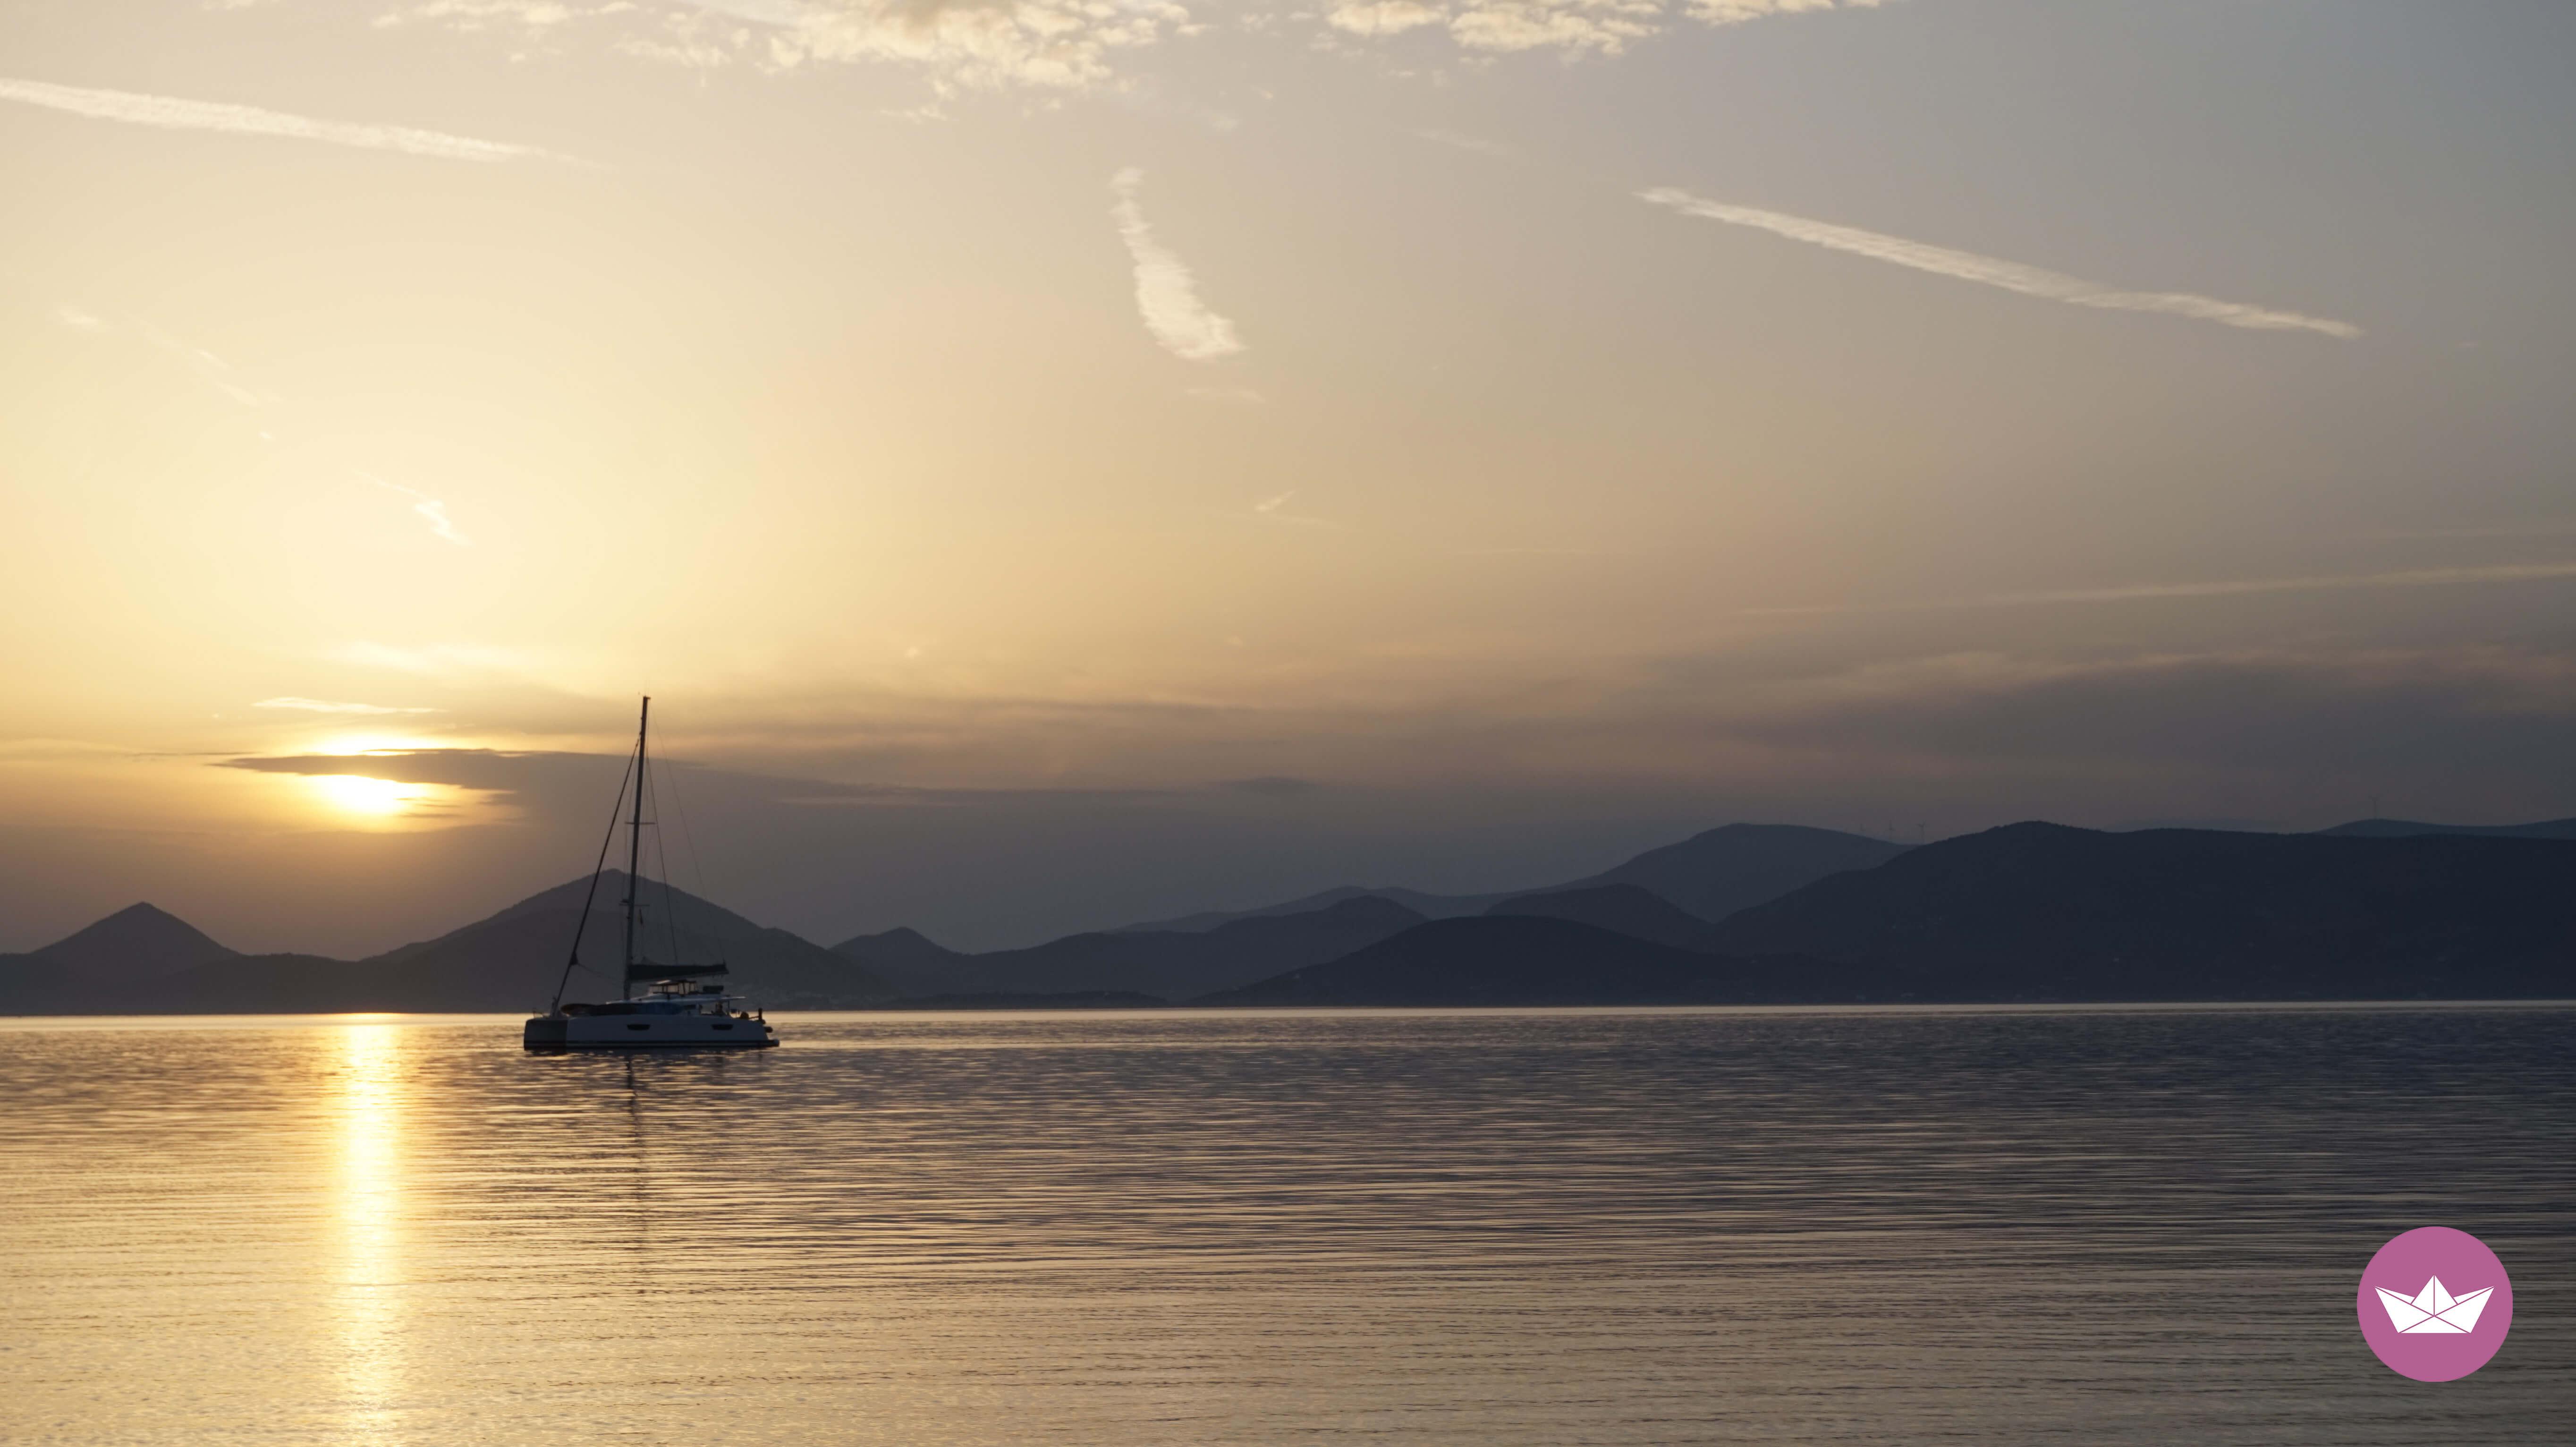 catamaran huren zeiljacht huren catamaran huren zonder vaarbewijs catamaran huren met vaarbewijs catamaran huren met schipper catamaran huren zonder schipper